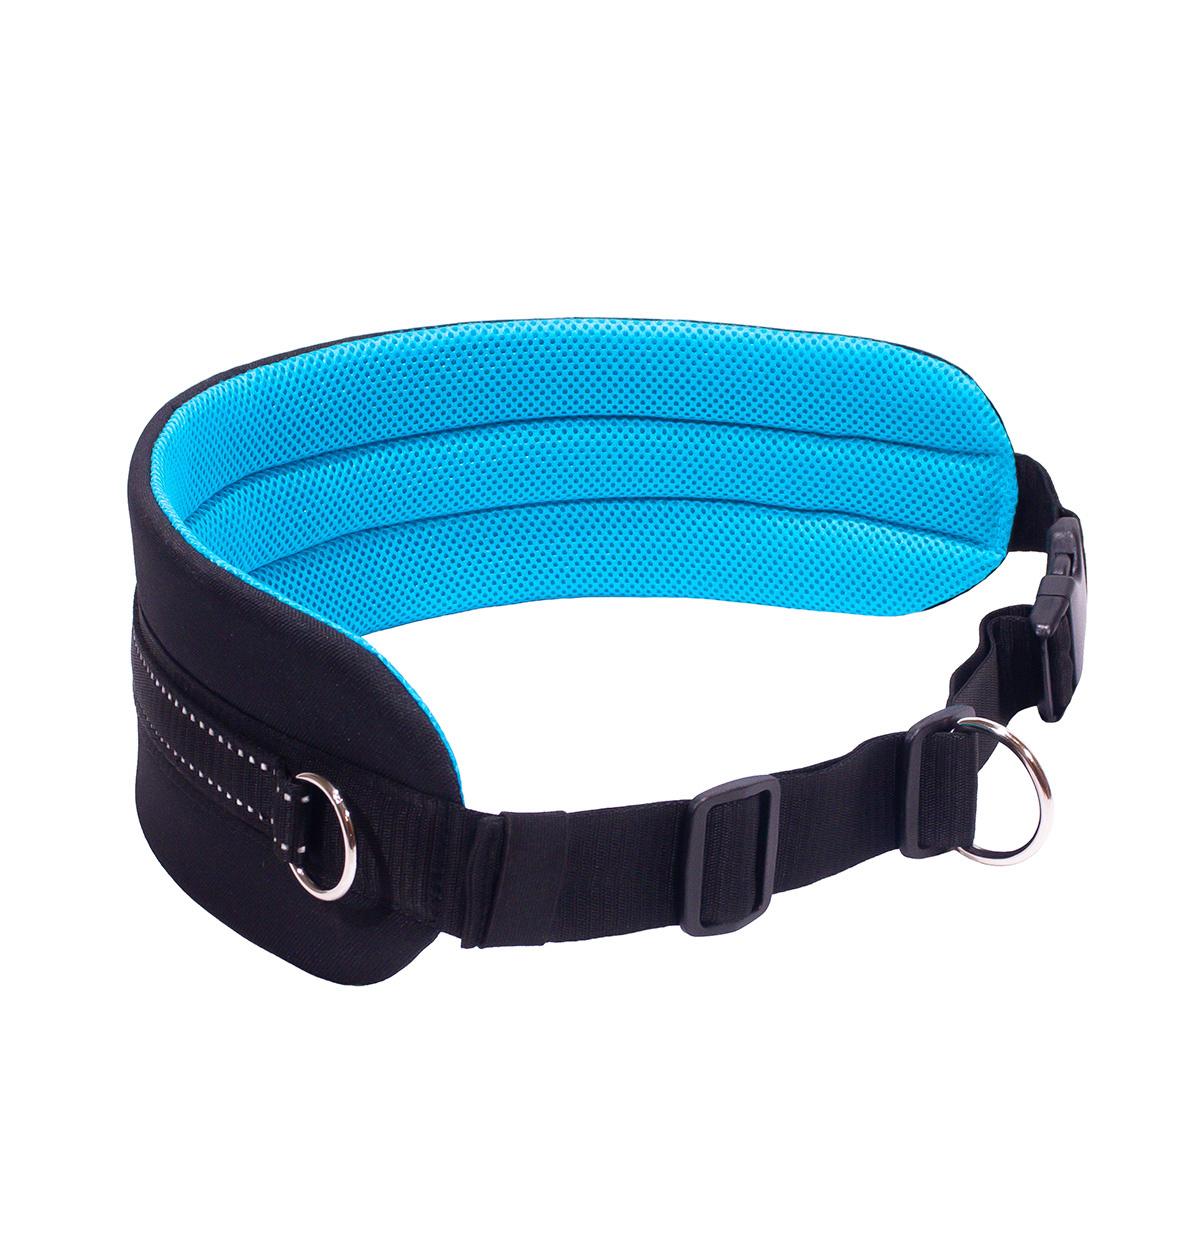 LasaLine Mains-libres chien marchant Courir jogging Ceinture - bleu clair Pedding / noir avec réflecteurs